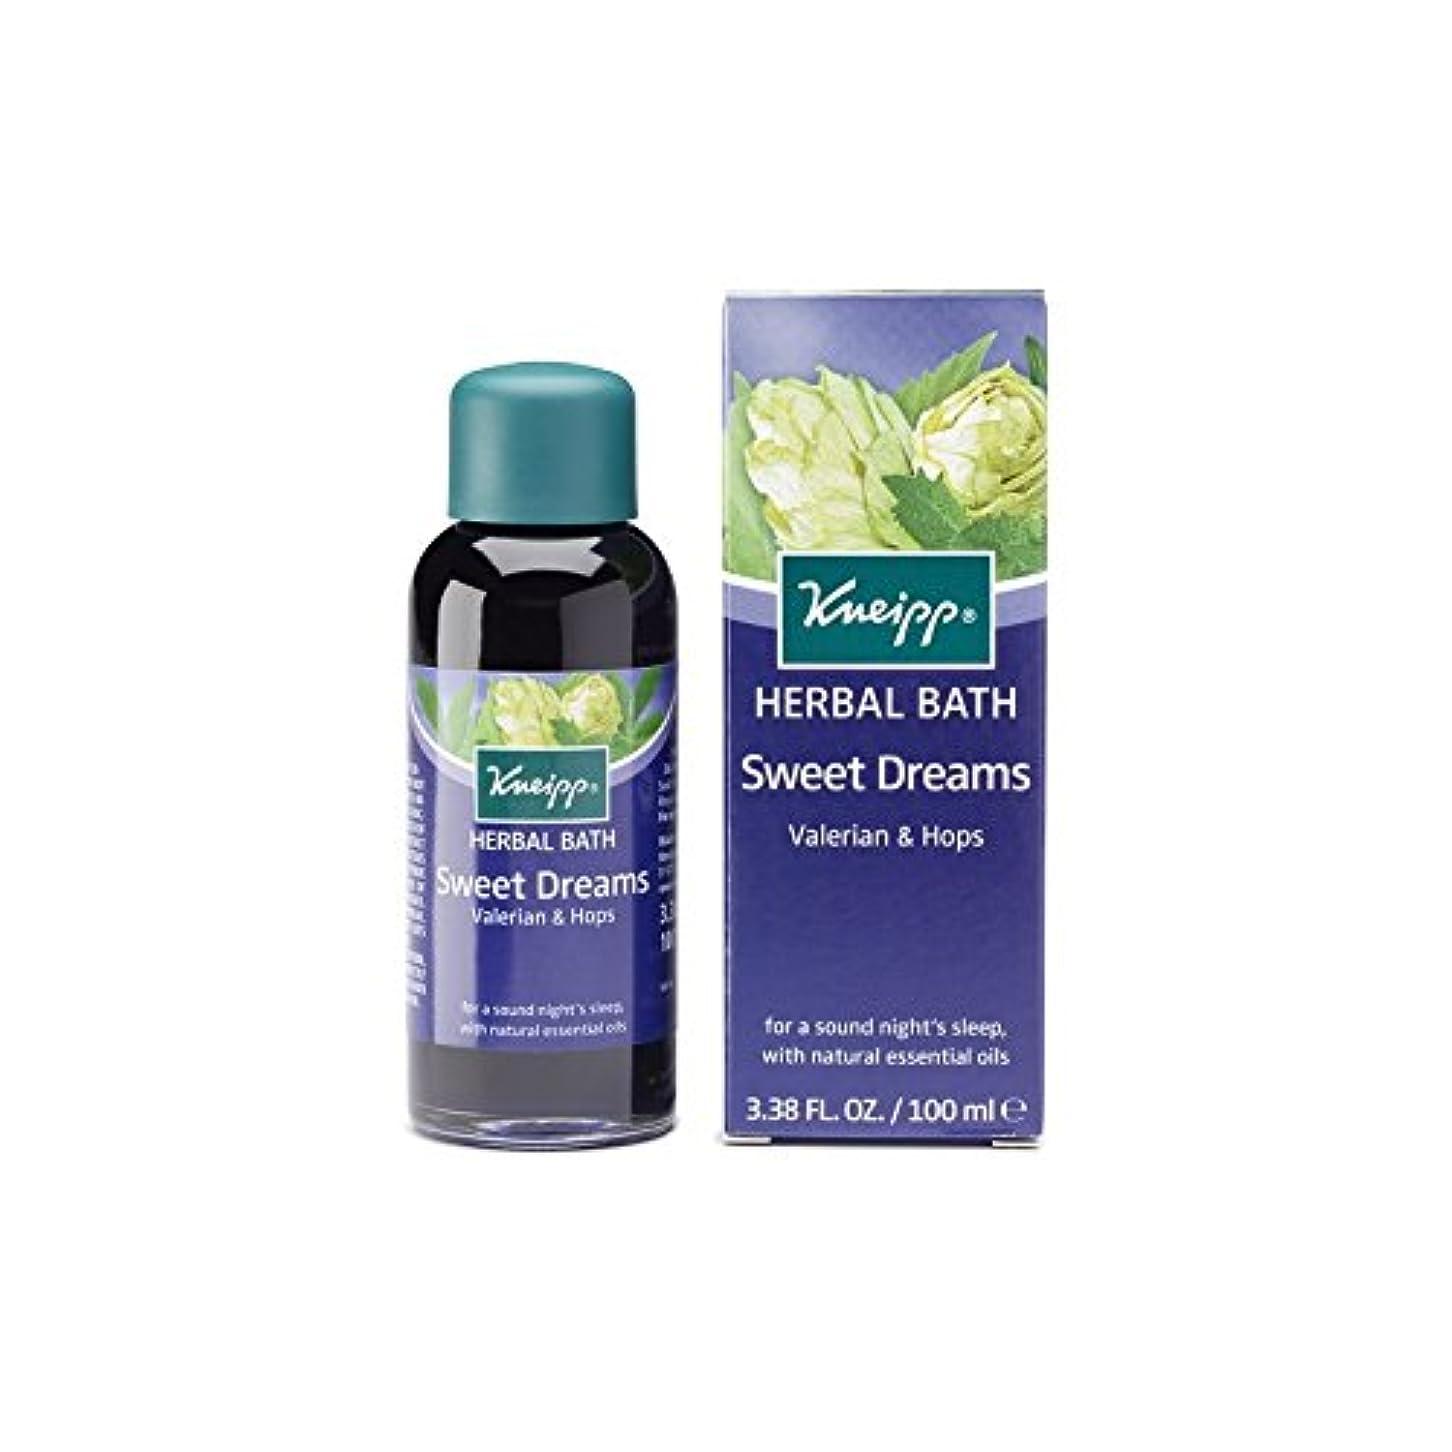 スポーツ道を作る適切なクナイプ甘い夢ハーブカノコソウとバスオイル(100ミリリットル)をホップ x4 - Kneipp Sweet Dreams Herbal Valerian and Hops Bath Oil (100ml) (Pack of 4) [並行輸入品]